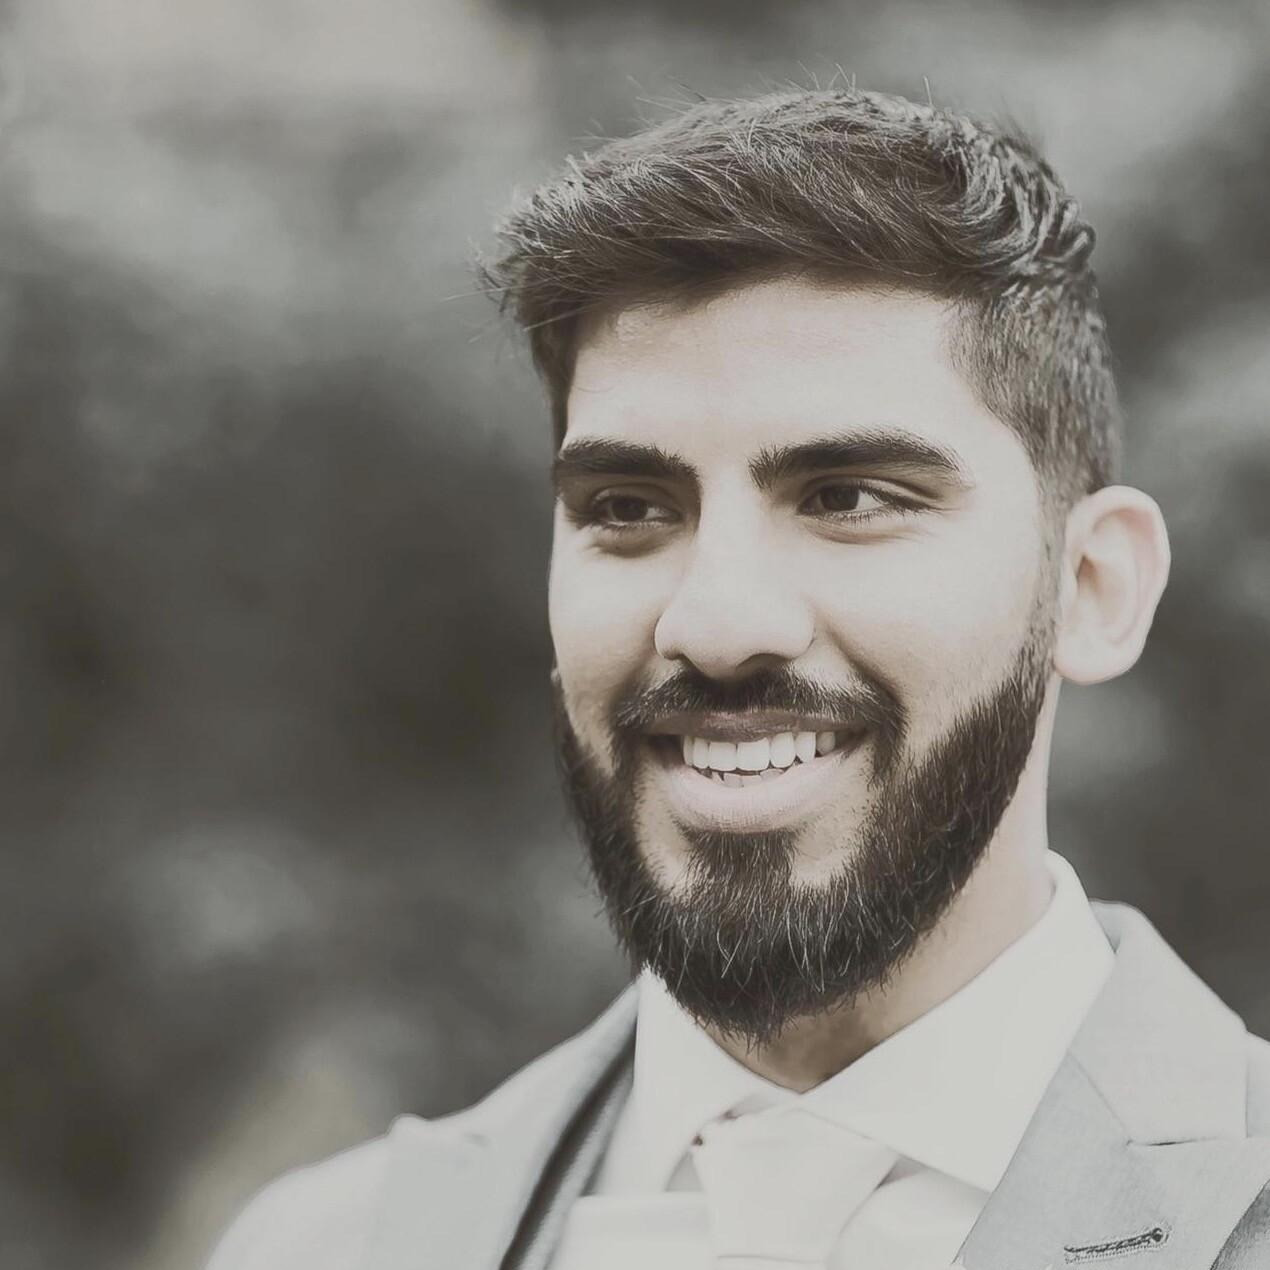 Dr Aadil Kasia